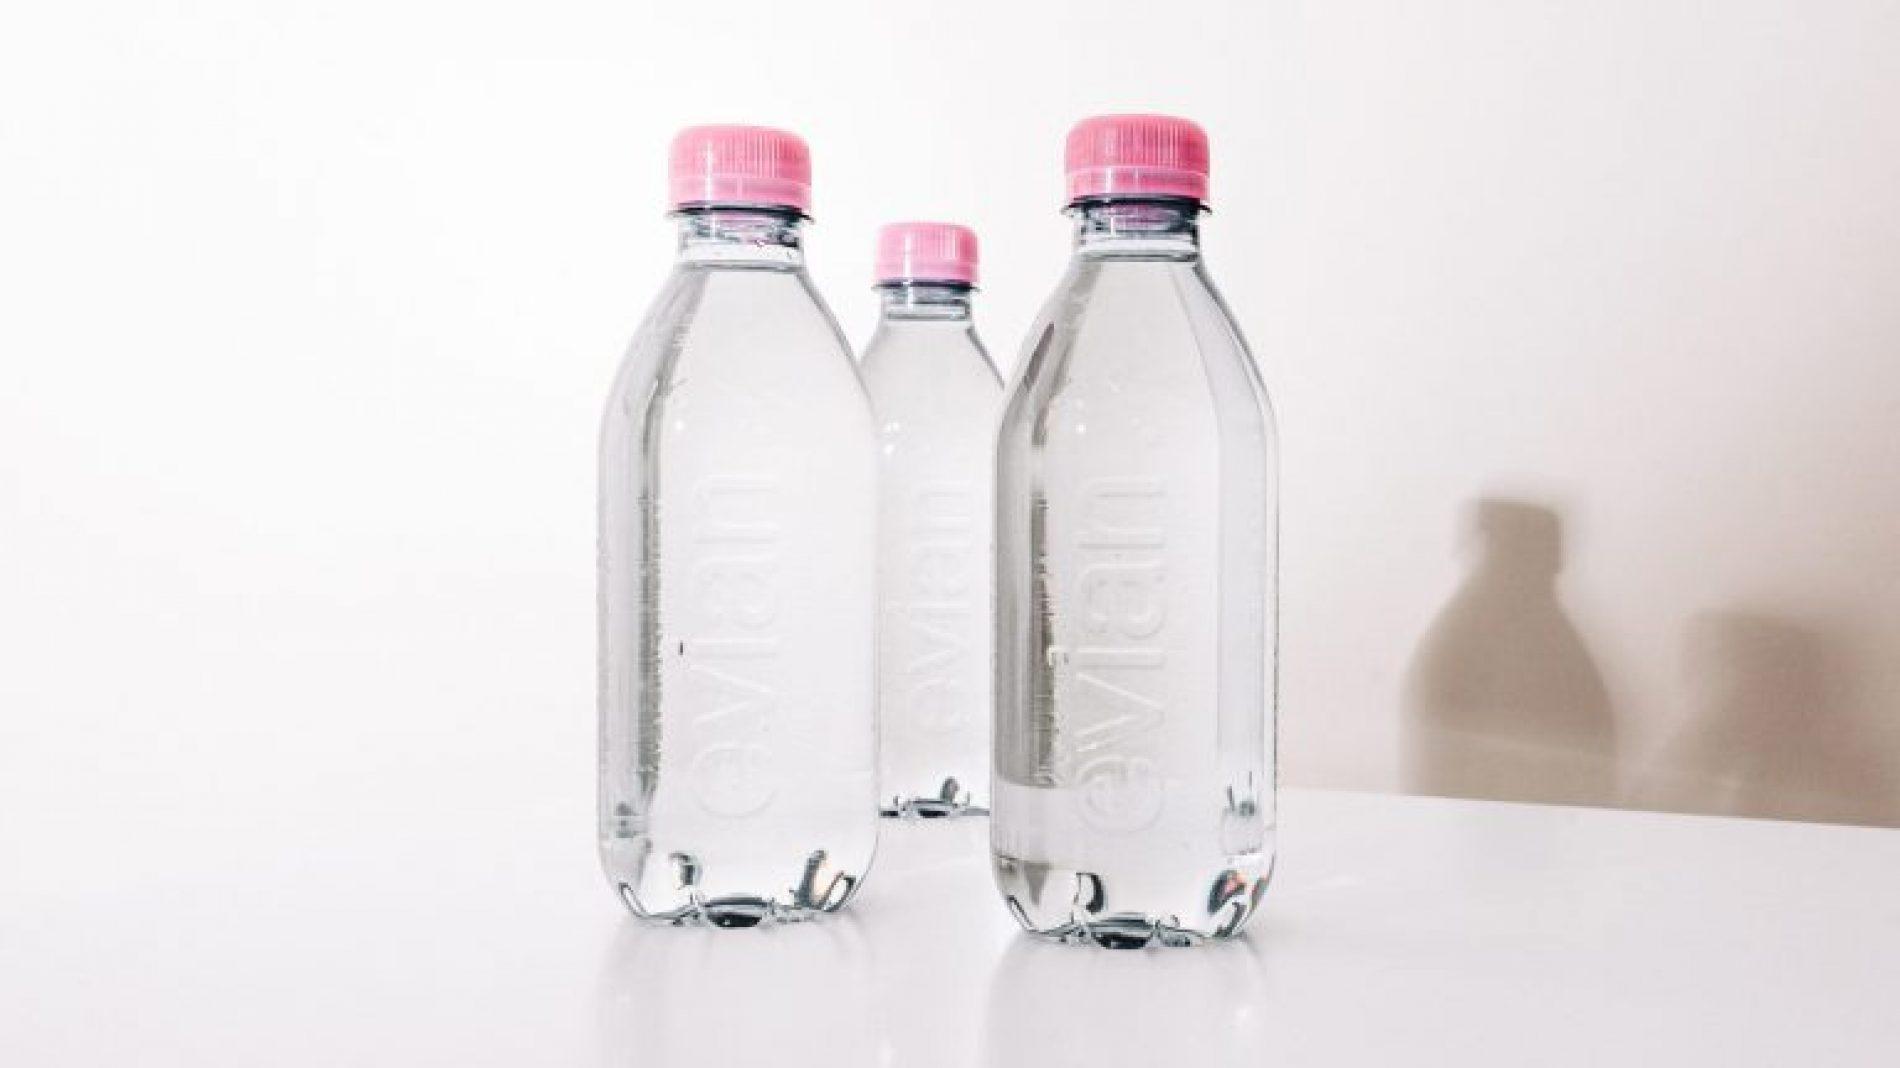 Environnement : Evian crée une bouteille 100 % recyclée & recyclable